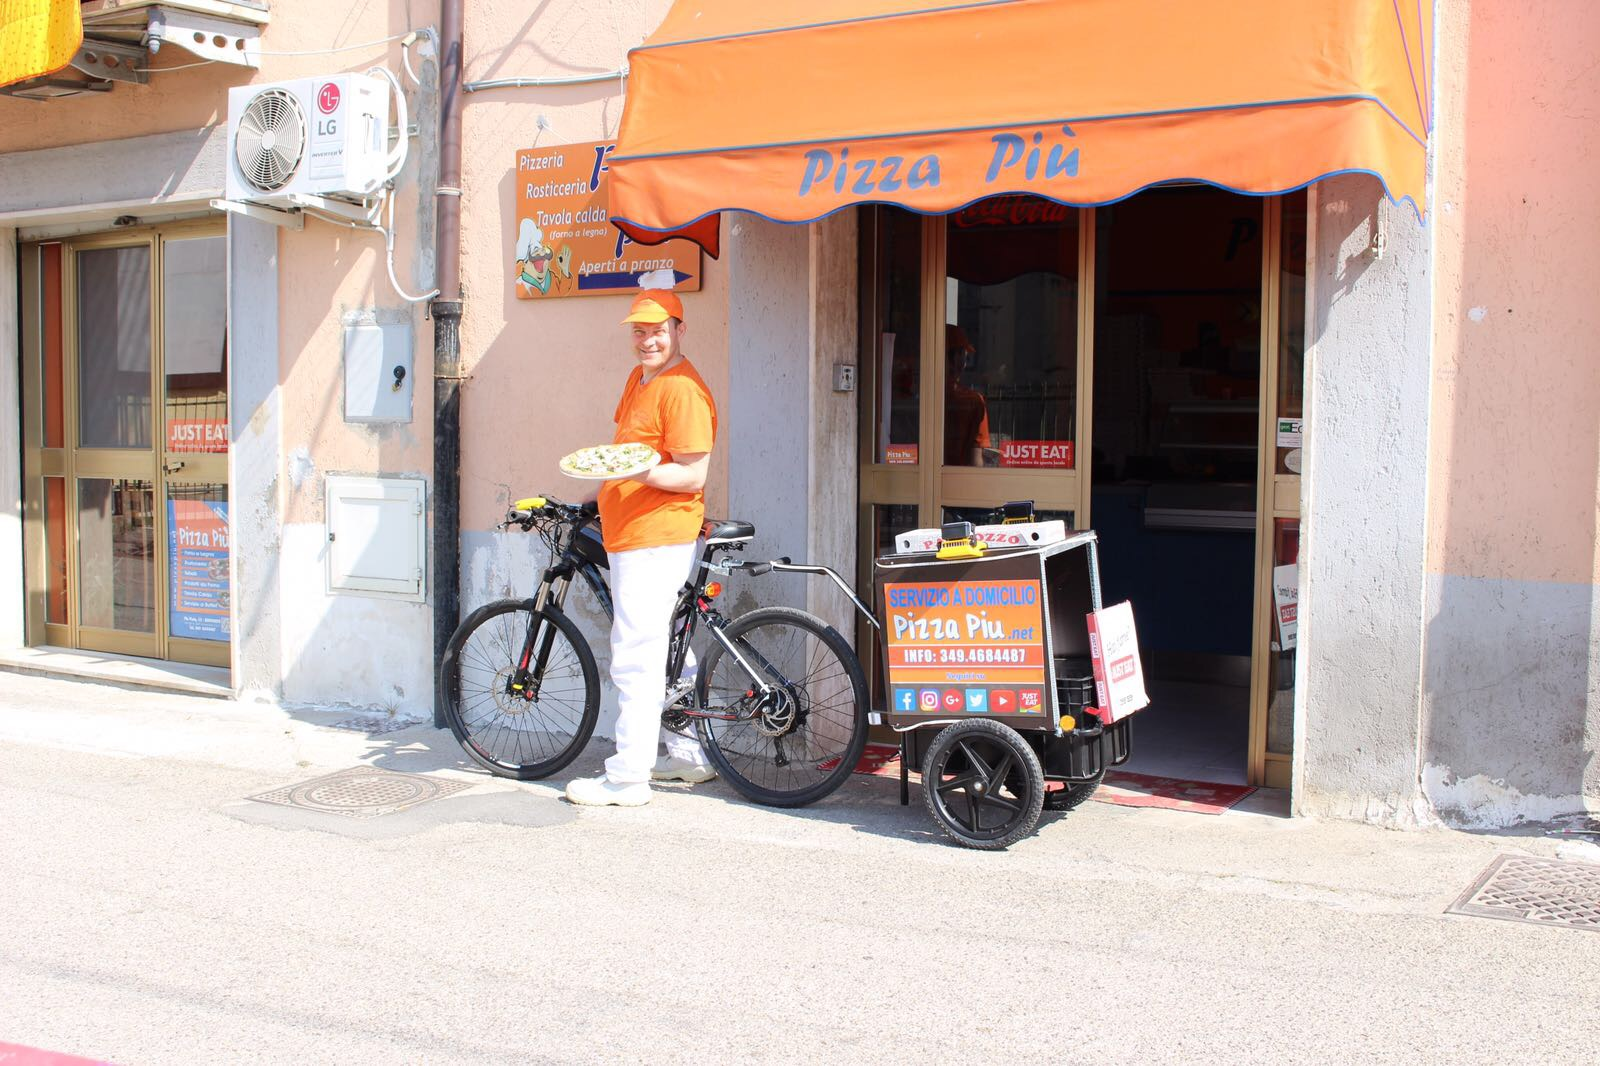 Pizza a domicilio Benevento just eat